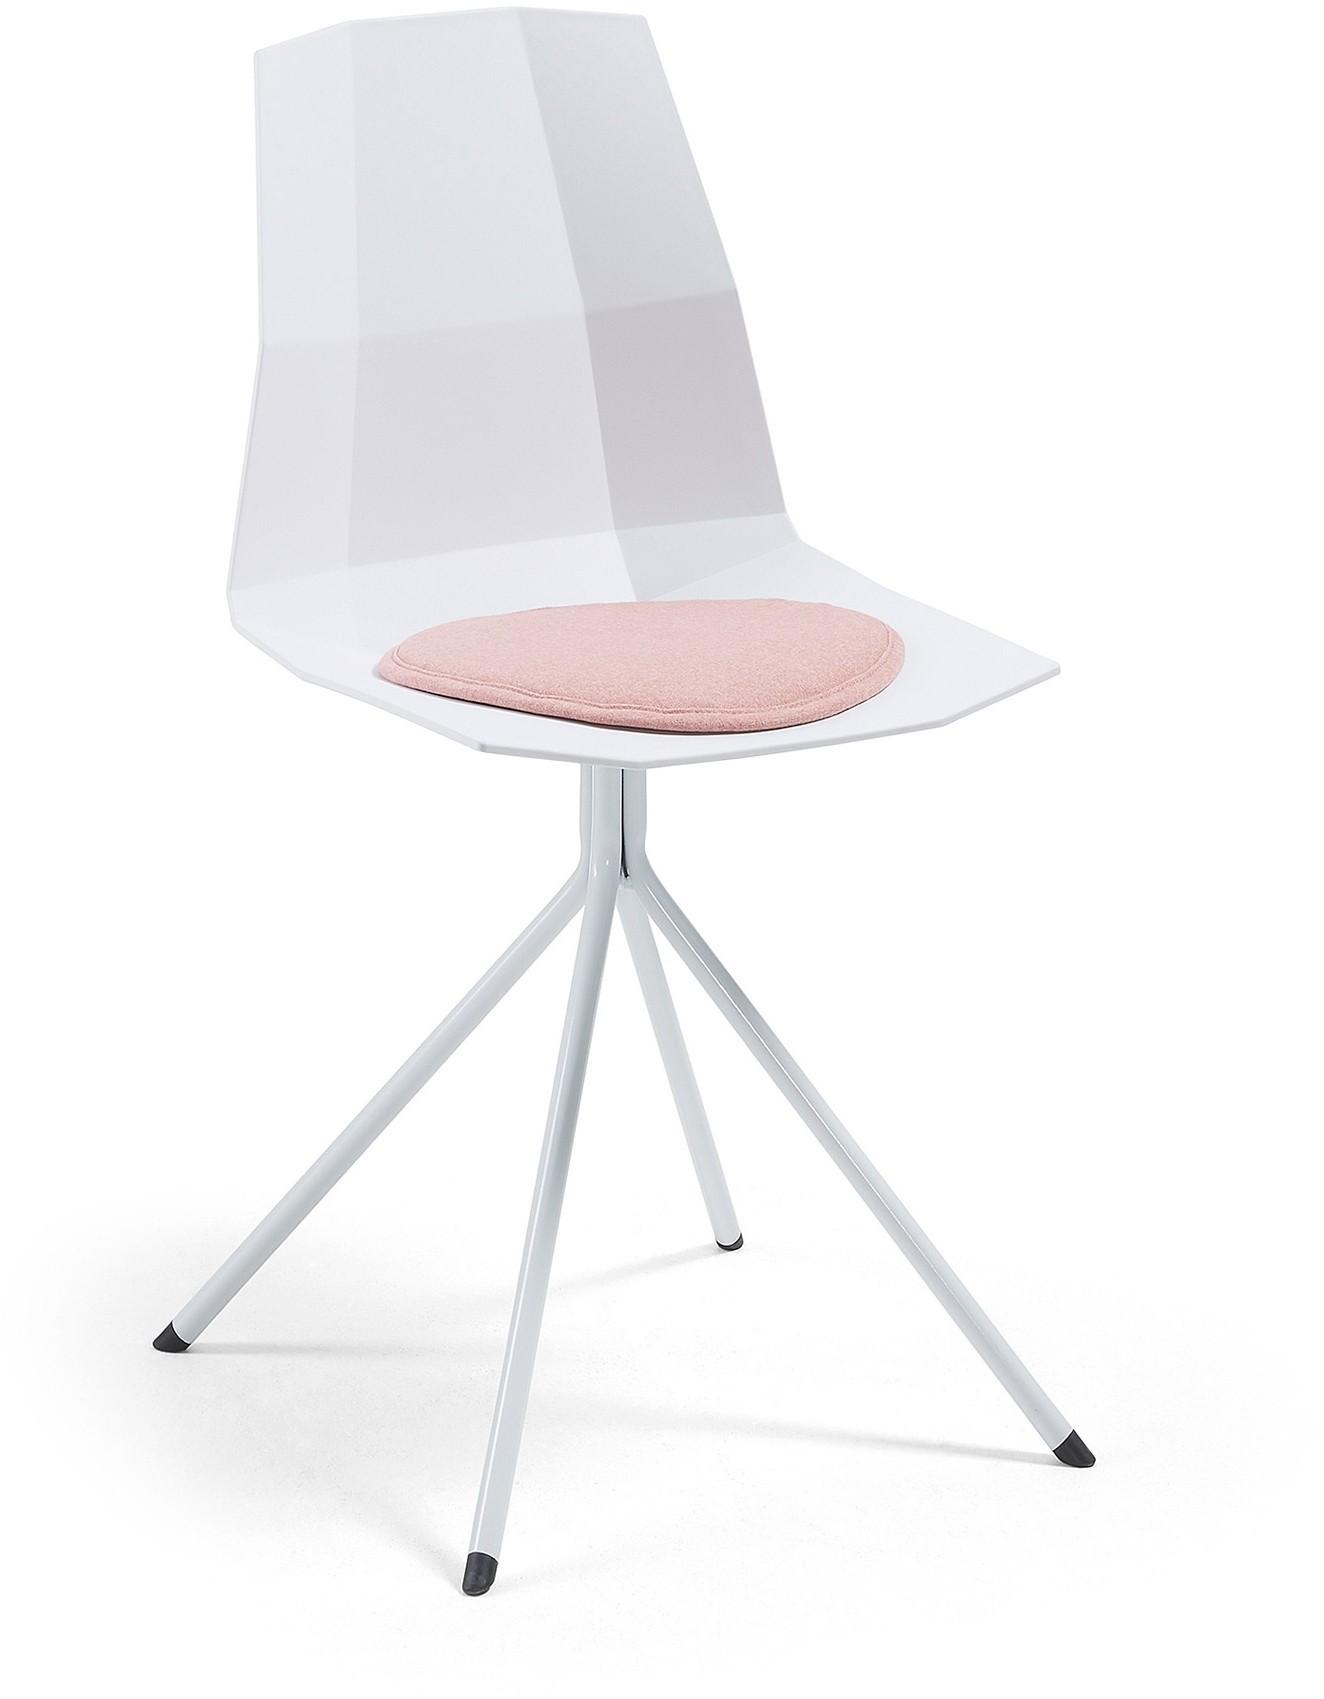 De pixel eetkamerstoel van laforma is een strakke stoel met geometrische vormgeving. de zitting is ...